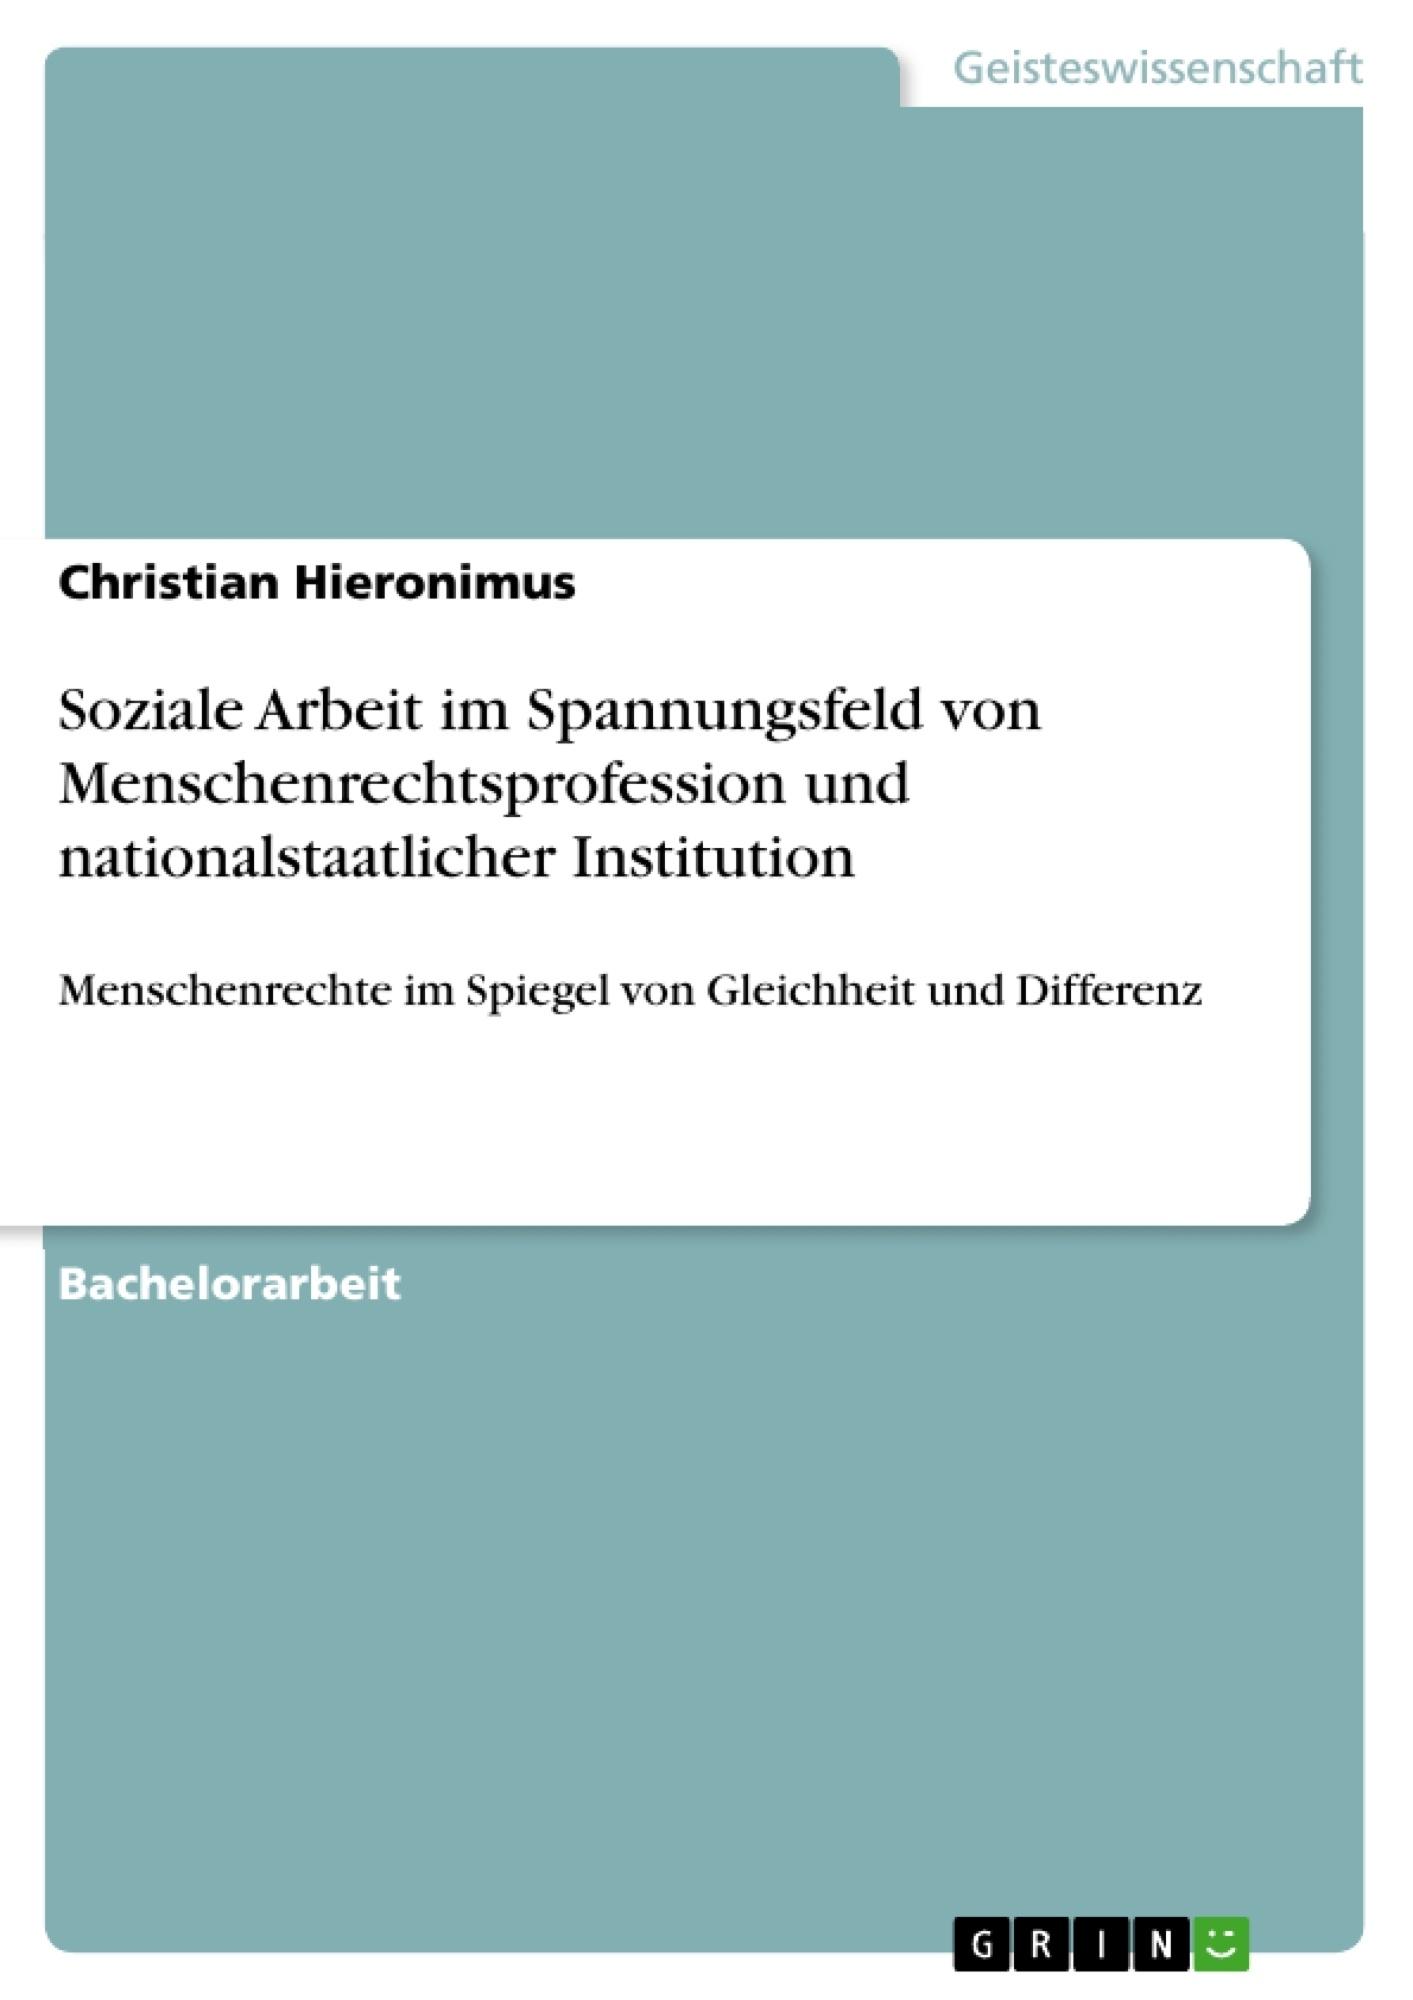 Titel: Soziale Arbeit im Spannungsfeld von Menschenrechtsprofession und nationalstaatlicher Institution